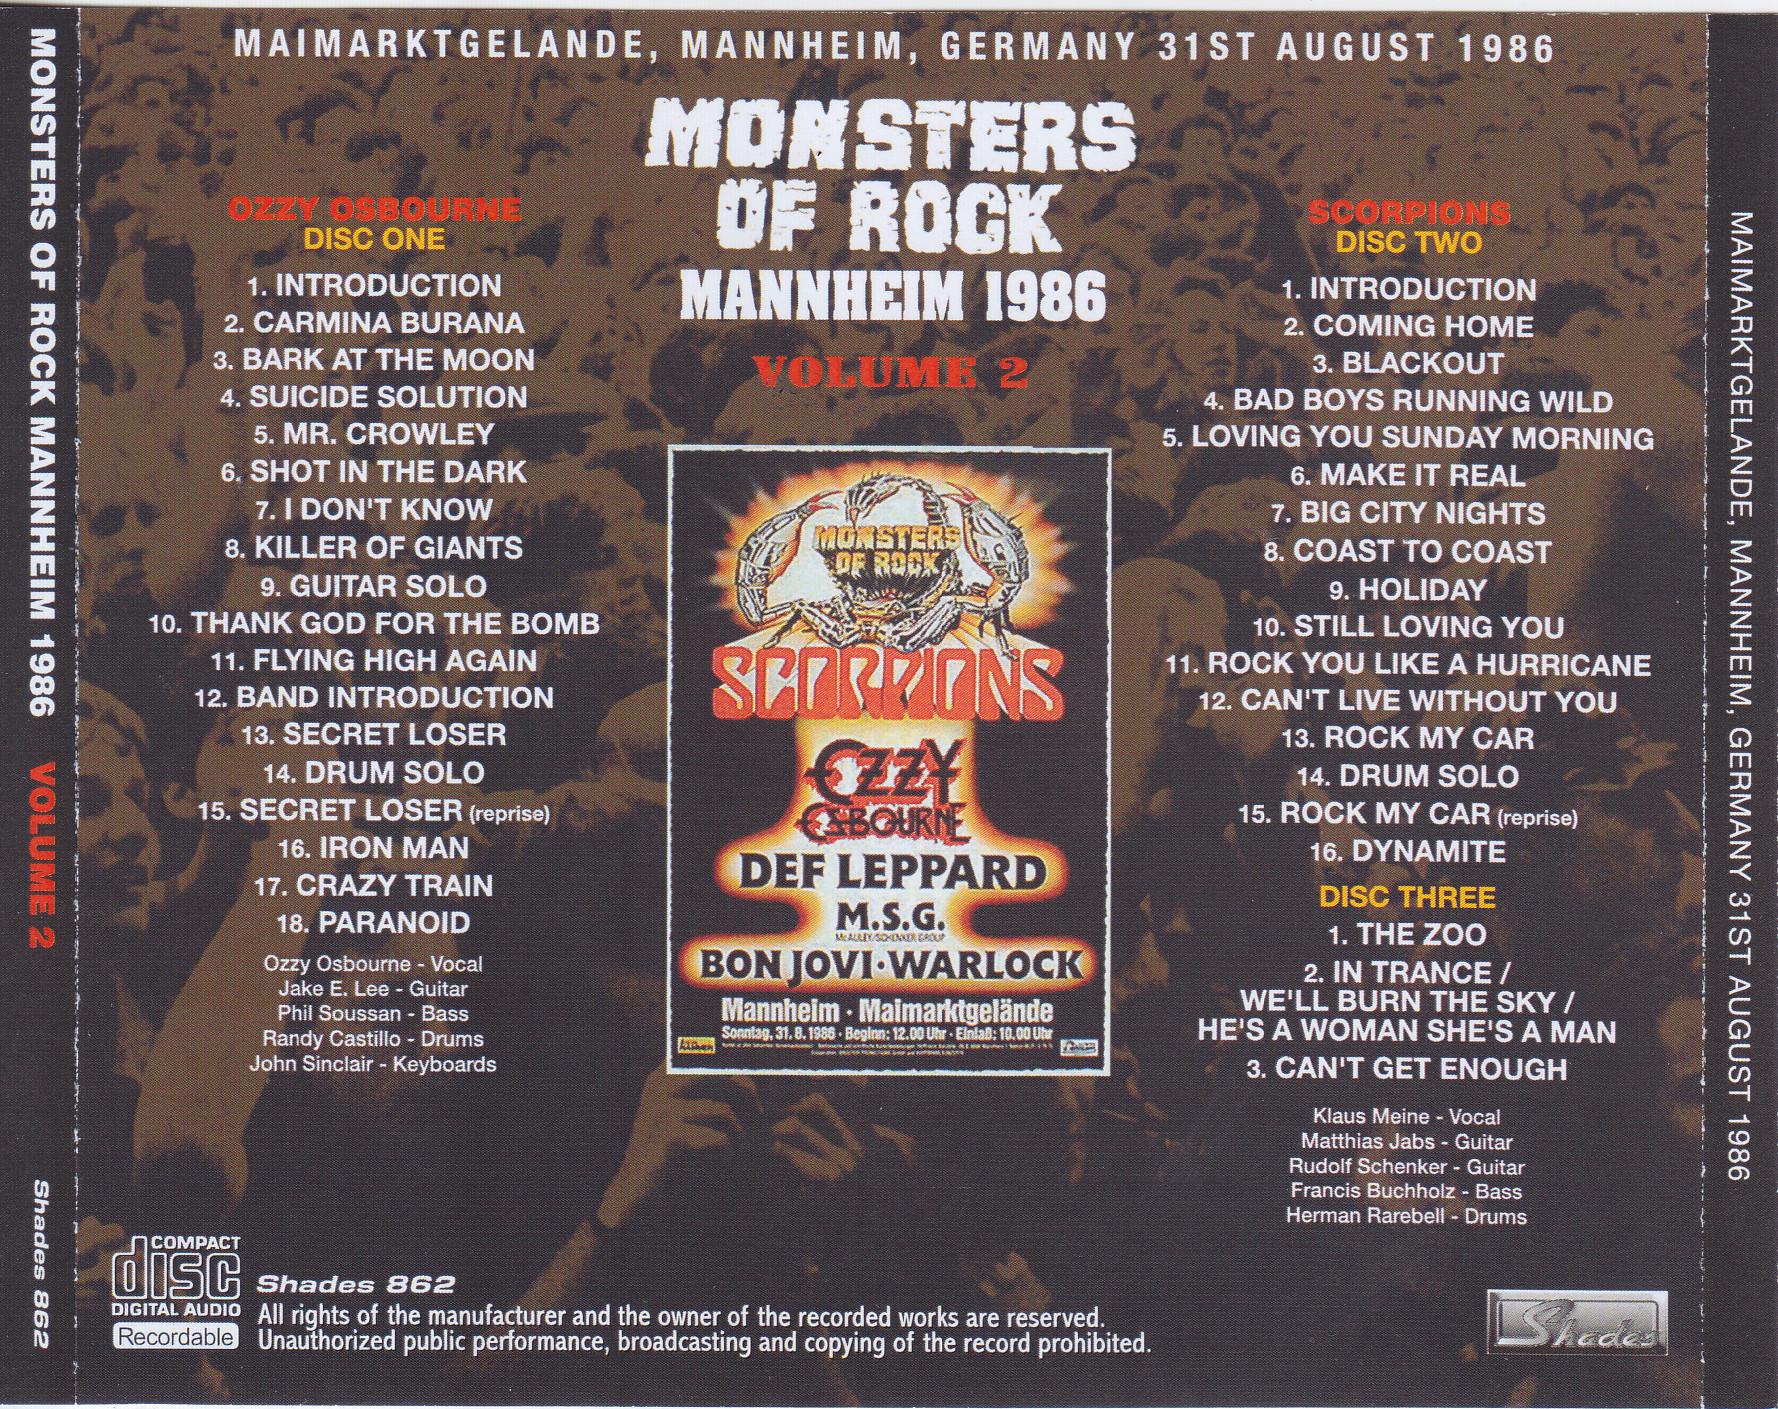 Bekannt Various Artists – Monsters Of Rock Mannheim 1986 vol 2 (3Pro-CDR HW25